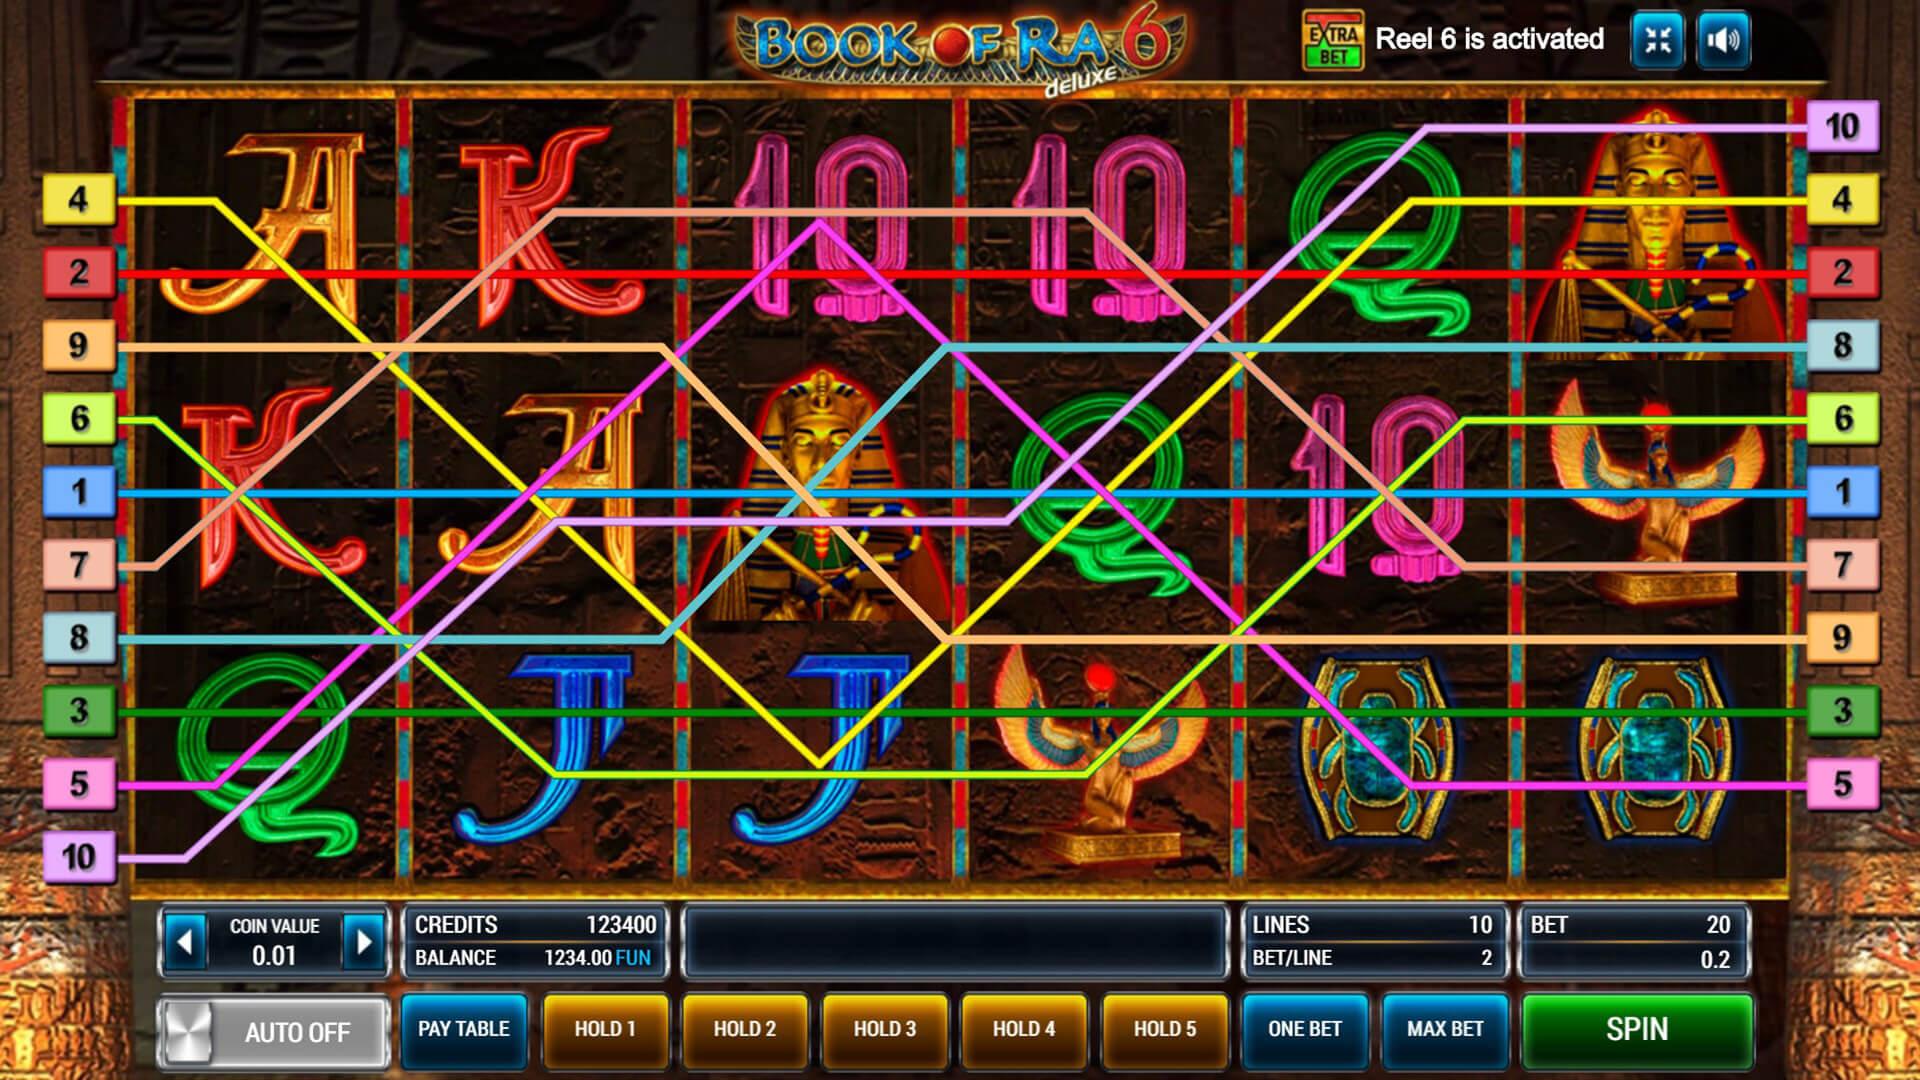 Изображение игрового автомата Book of Ra Deluxe 6 2